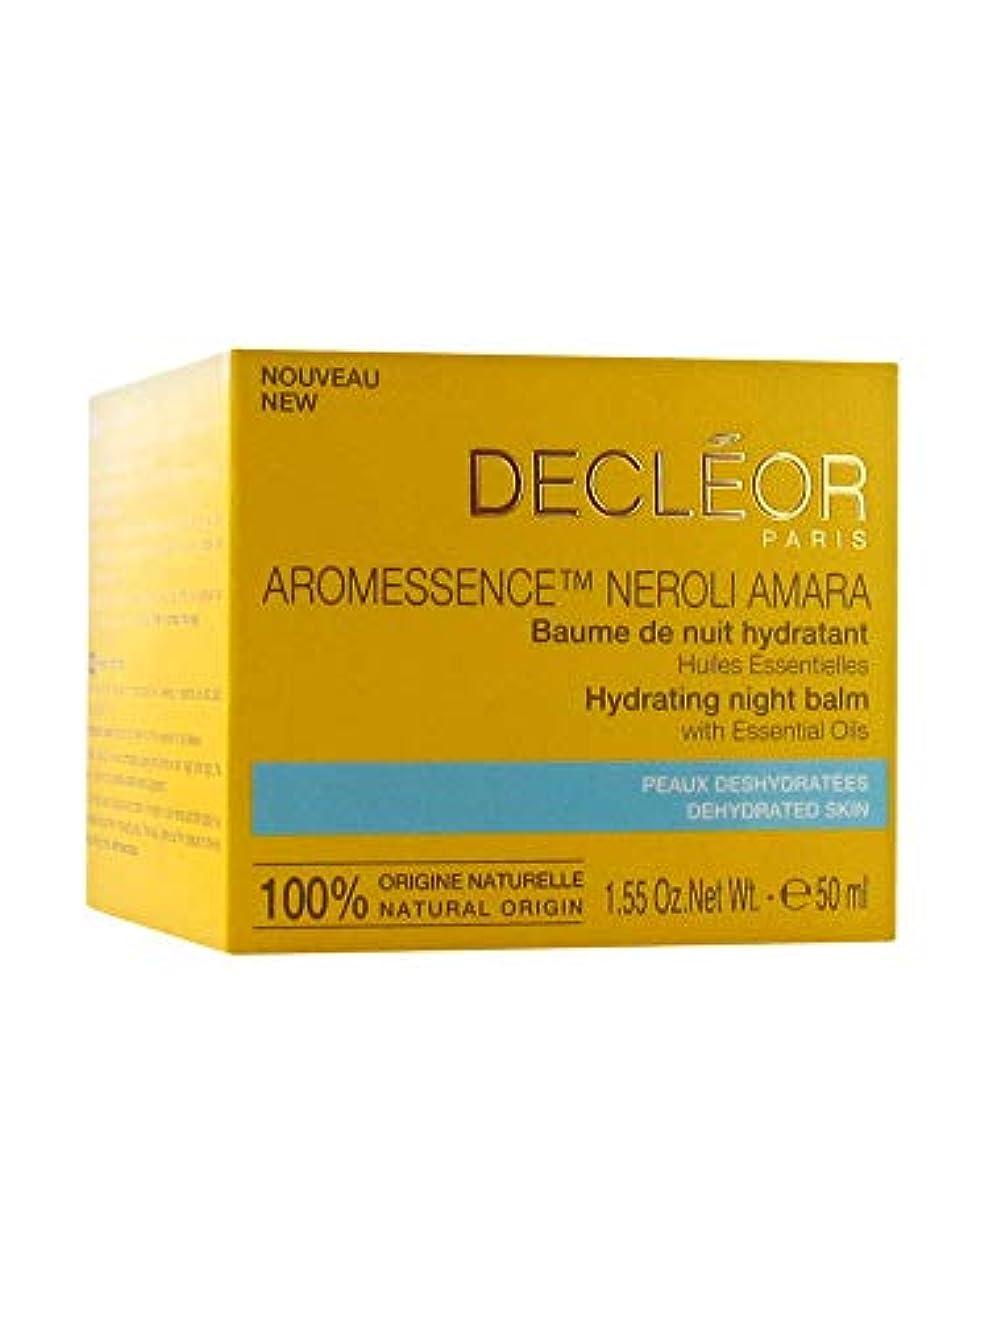 こっそり敬意を表する分析的なデクレオール Aromessence Neroli Amara Hydrating Night Balm - For Dehydrated Skin 50ml/1.55oz並行輸入品